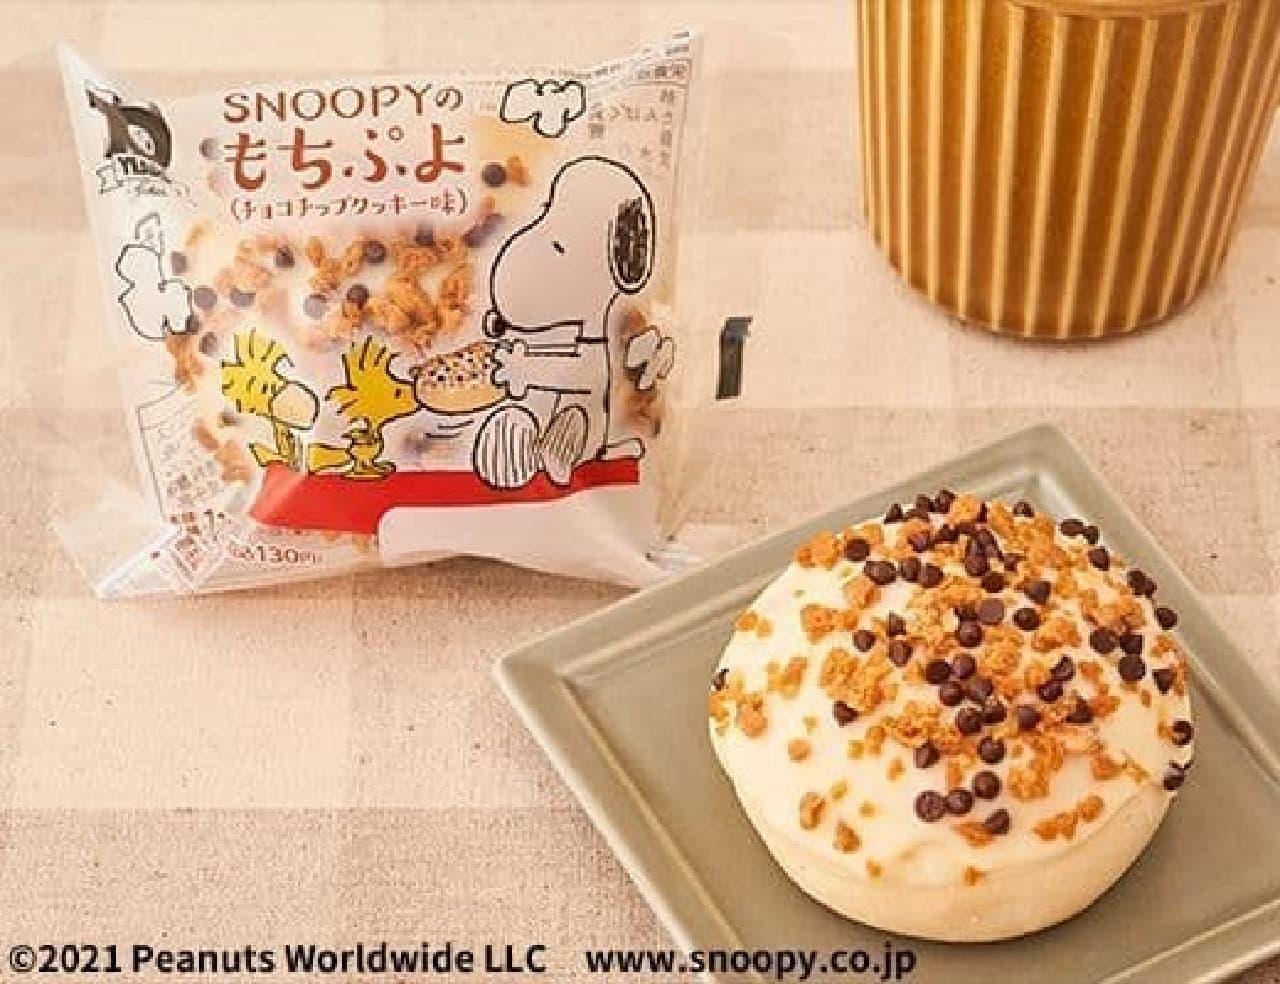 ローソン「SNOOPYのもちぷよ チョコチップクッキー味」